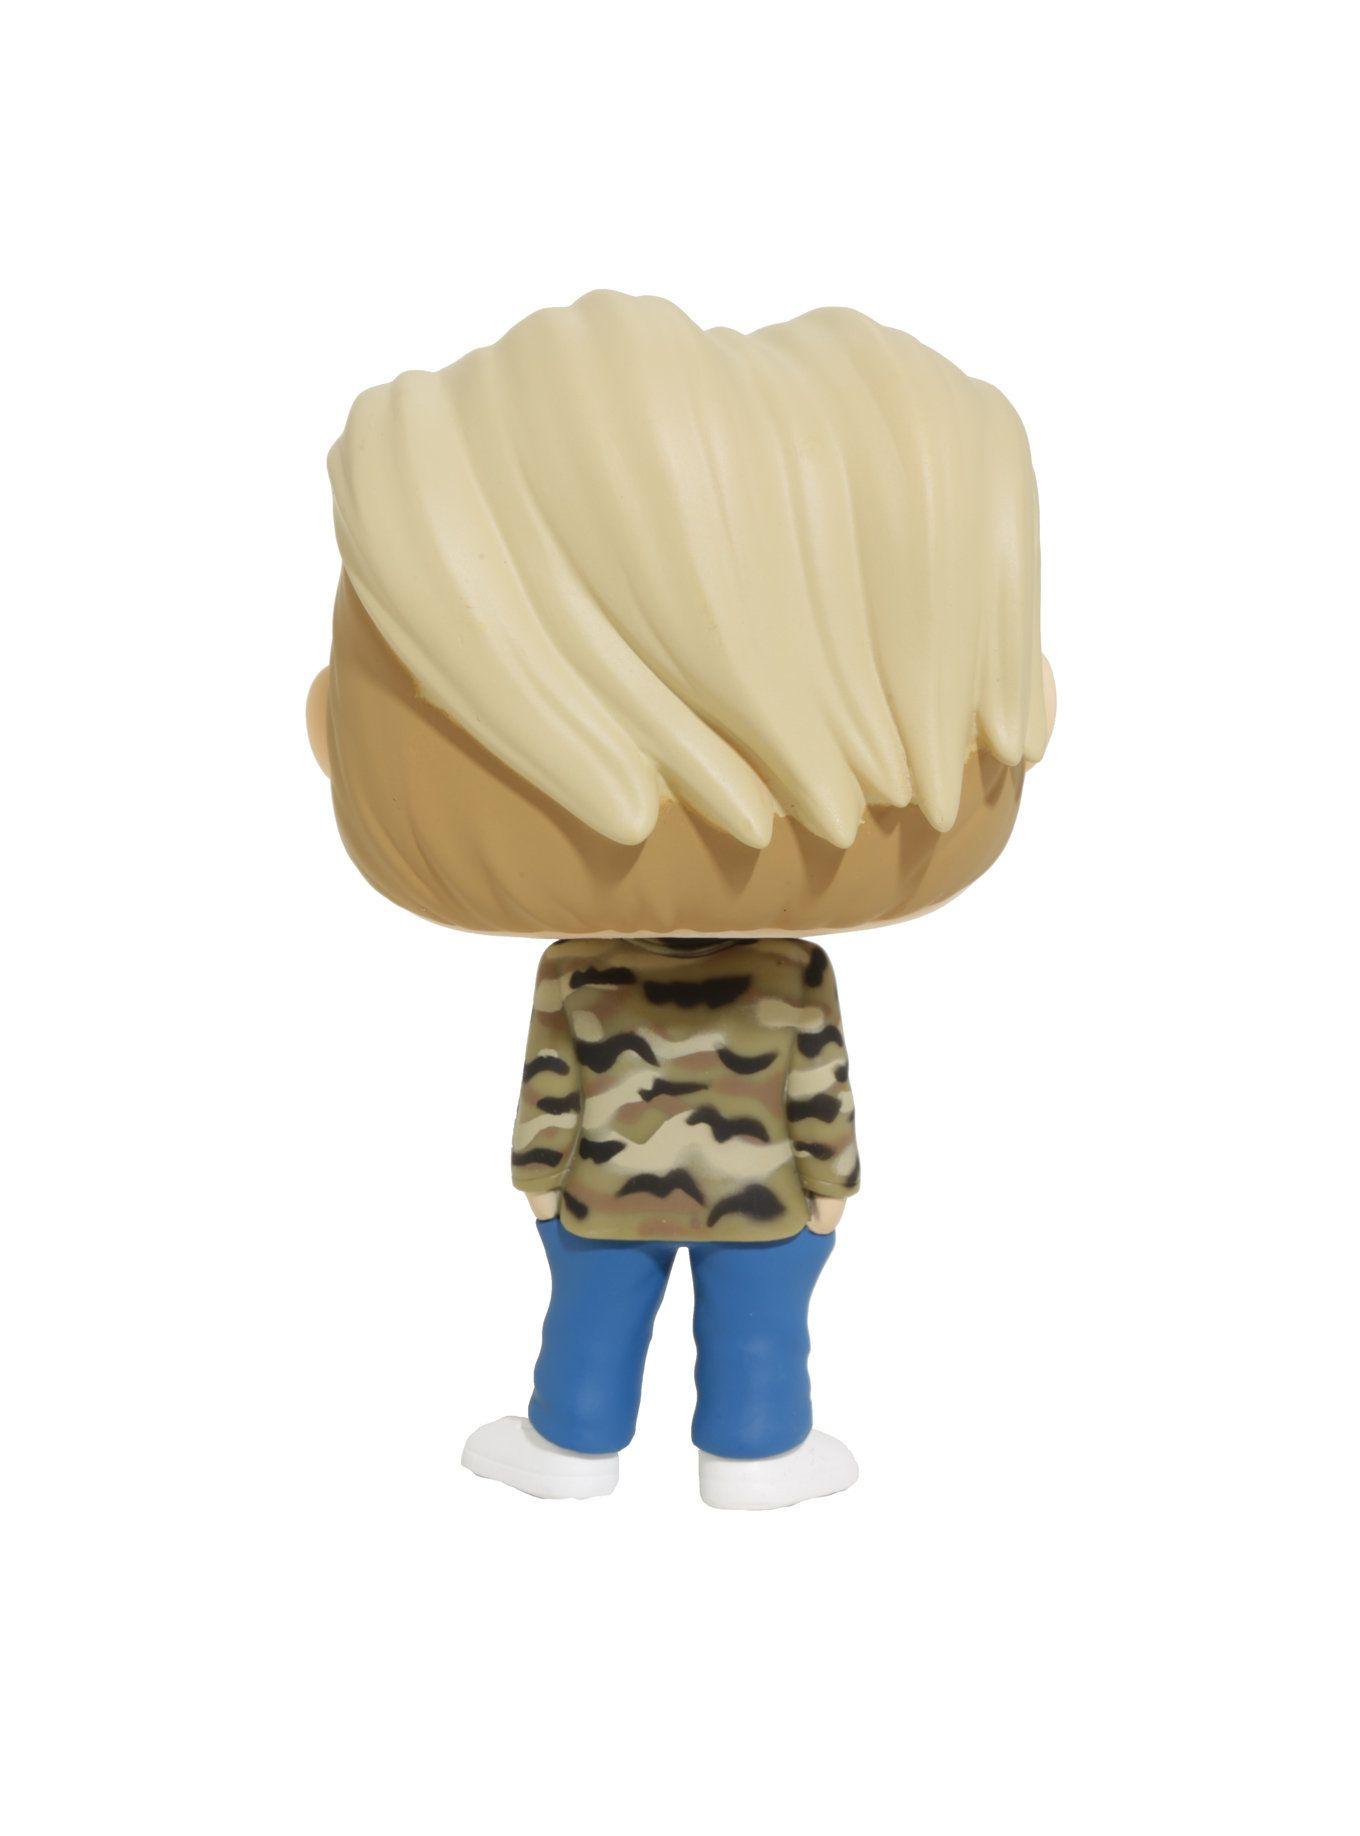 Justin Bieber #56 - Funko Pop! Rocks